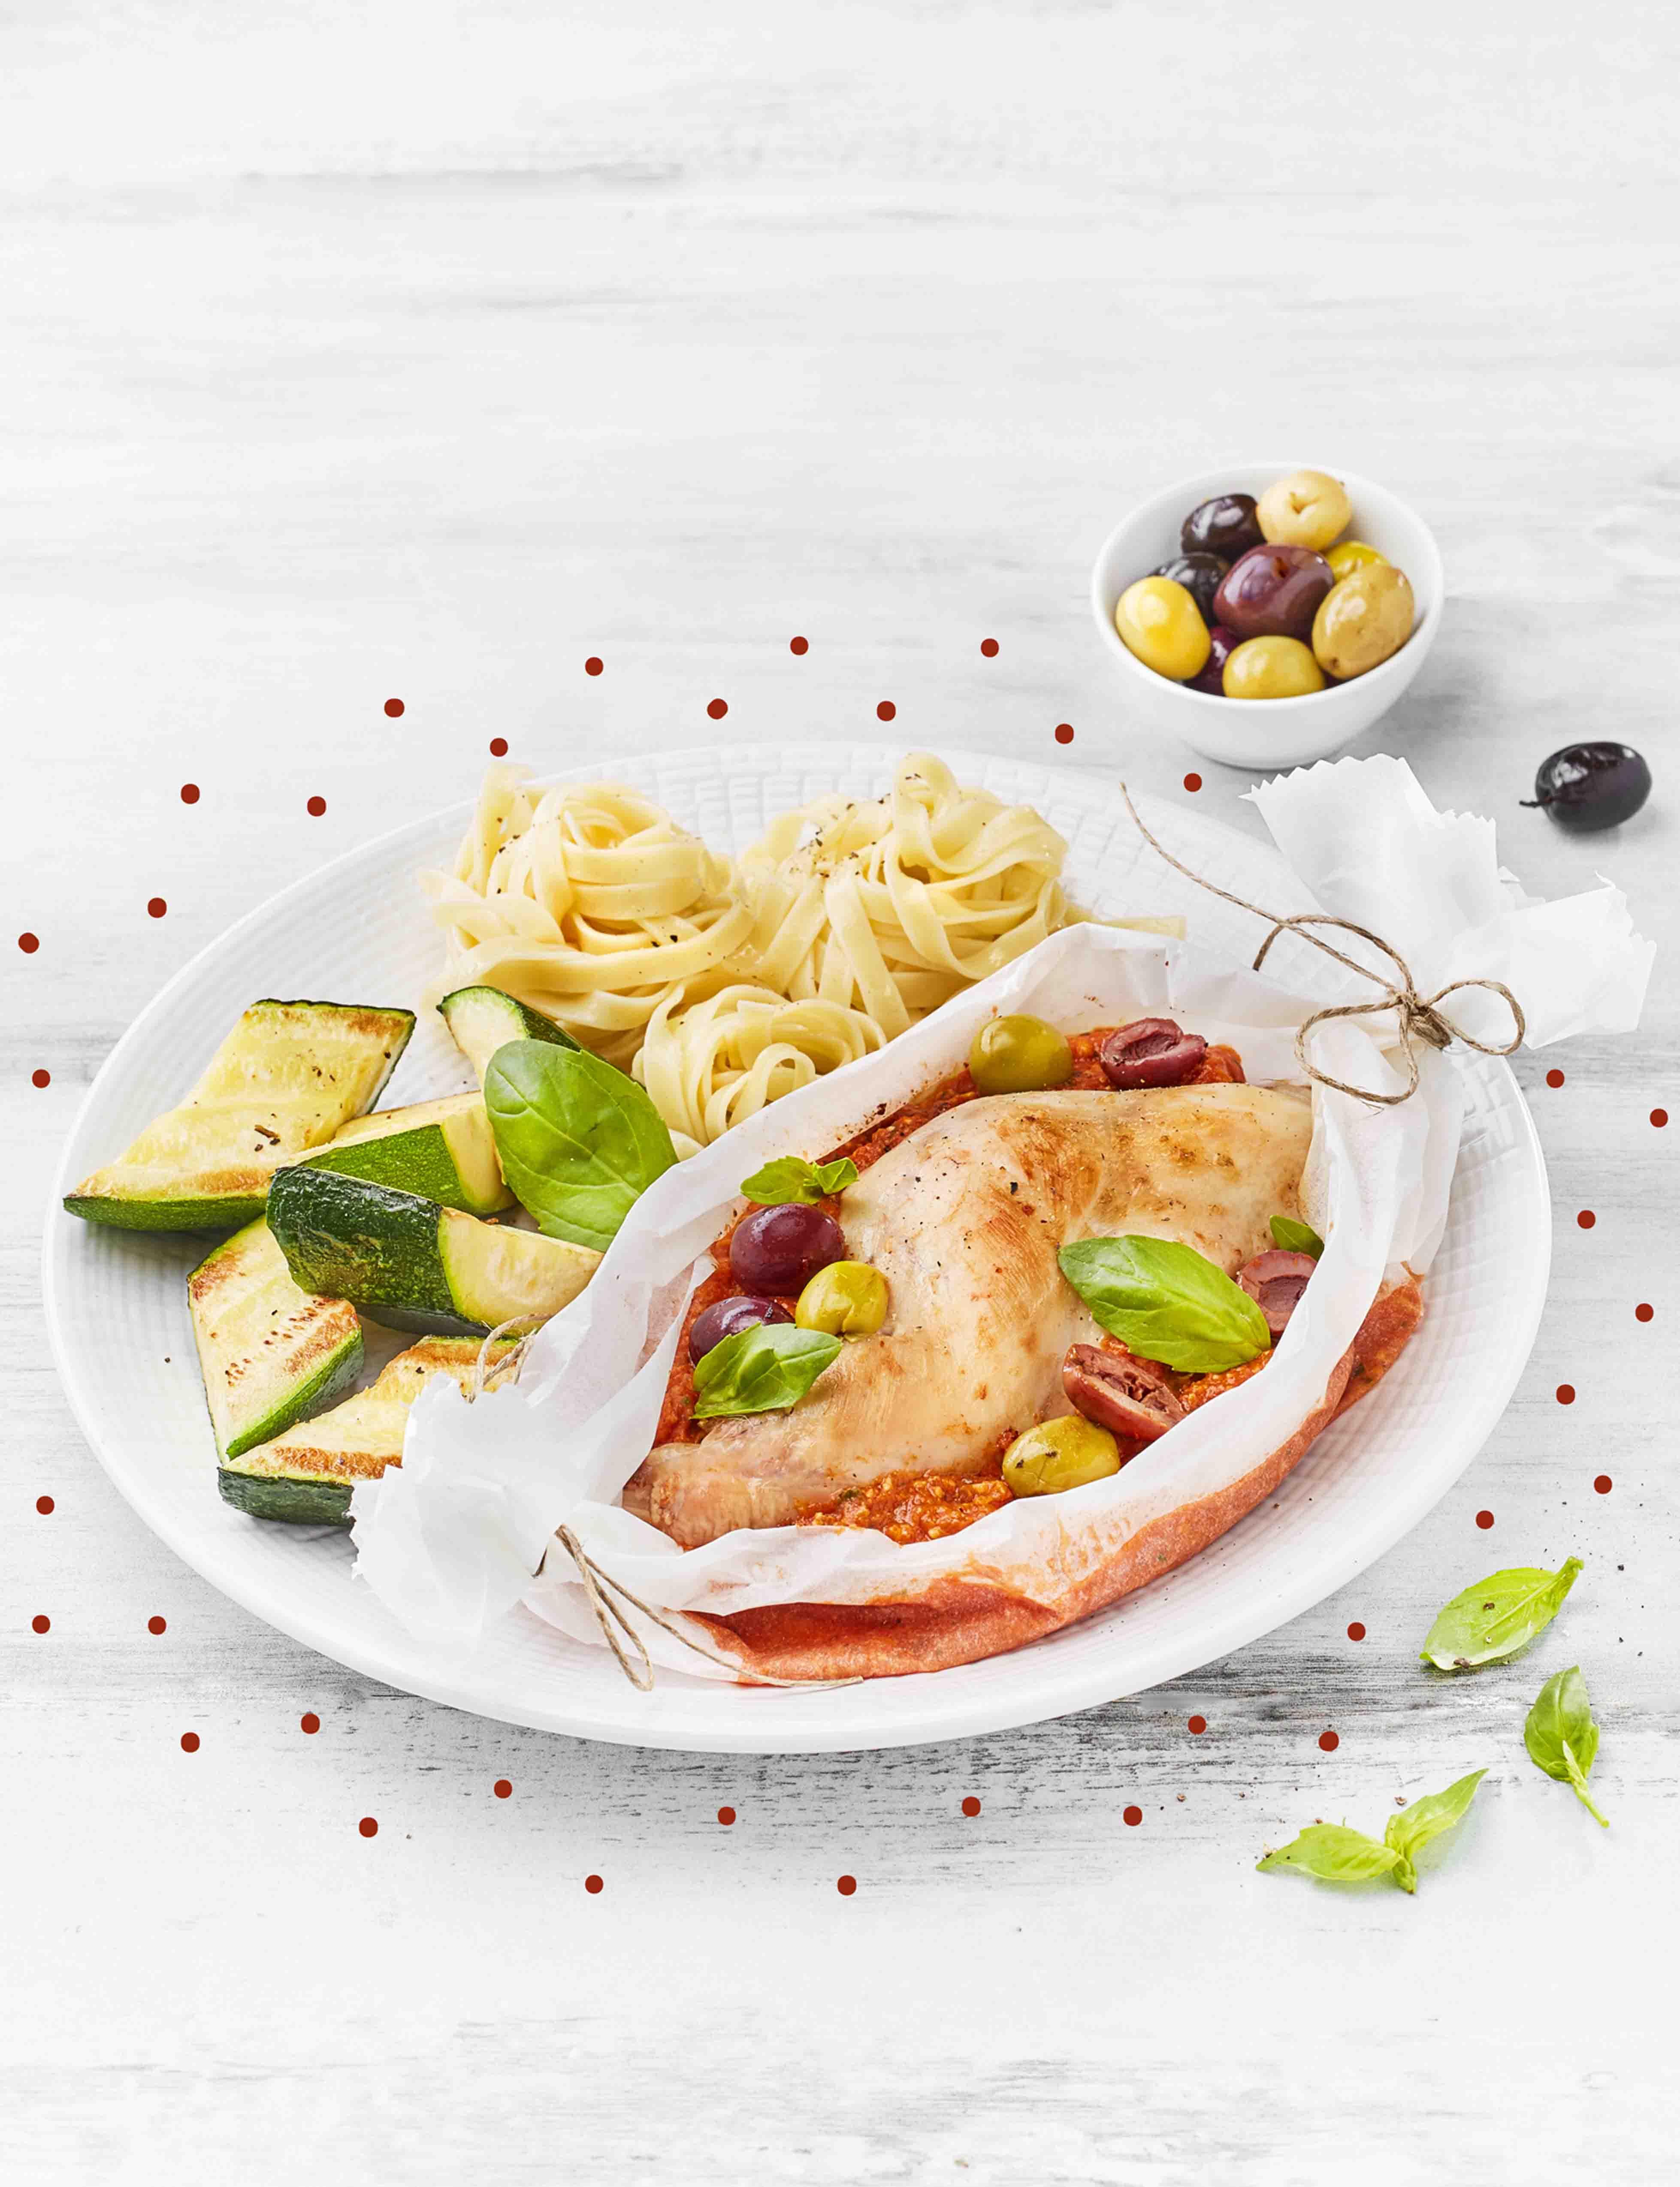 Cuisses de lapin en papillote au pistou rouge et olives